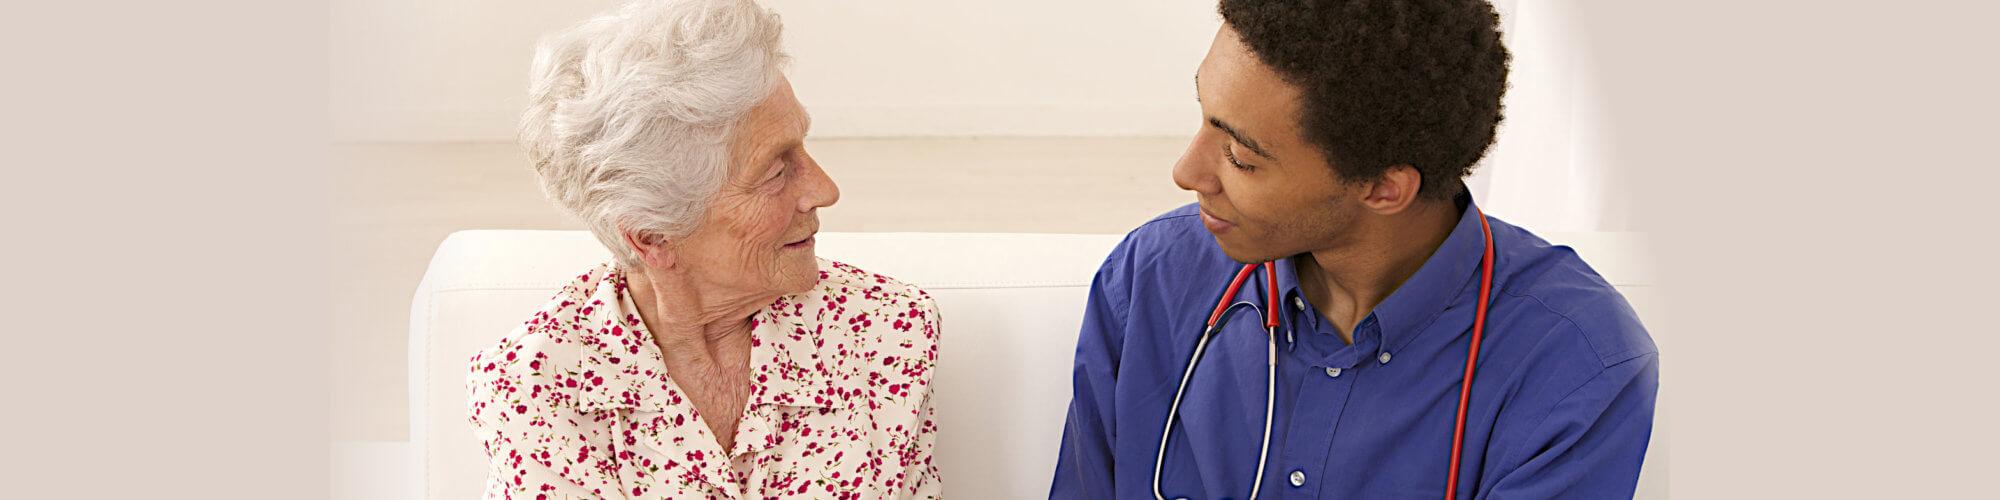 caregiver taking care her elderly